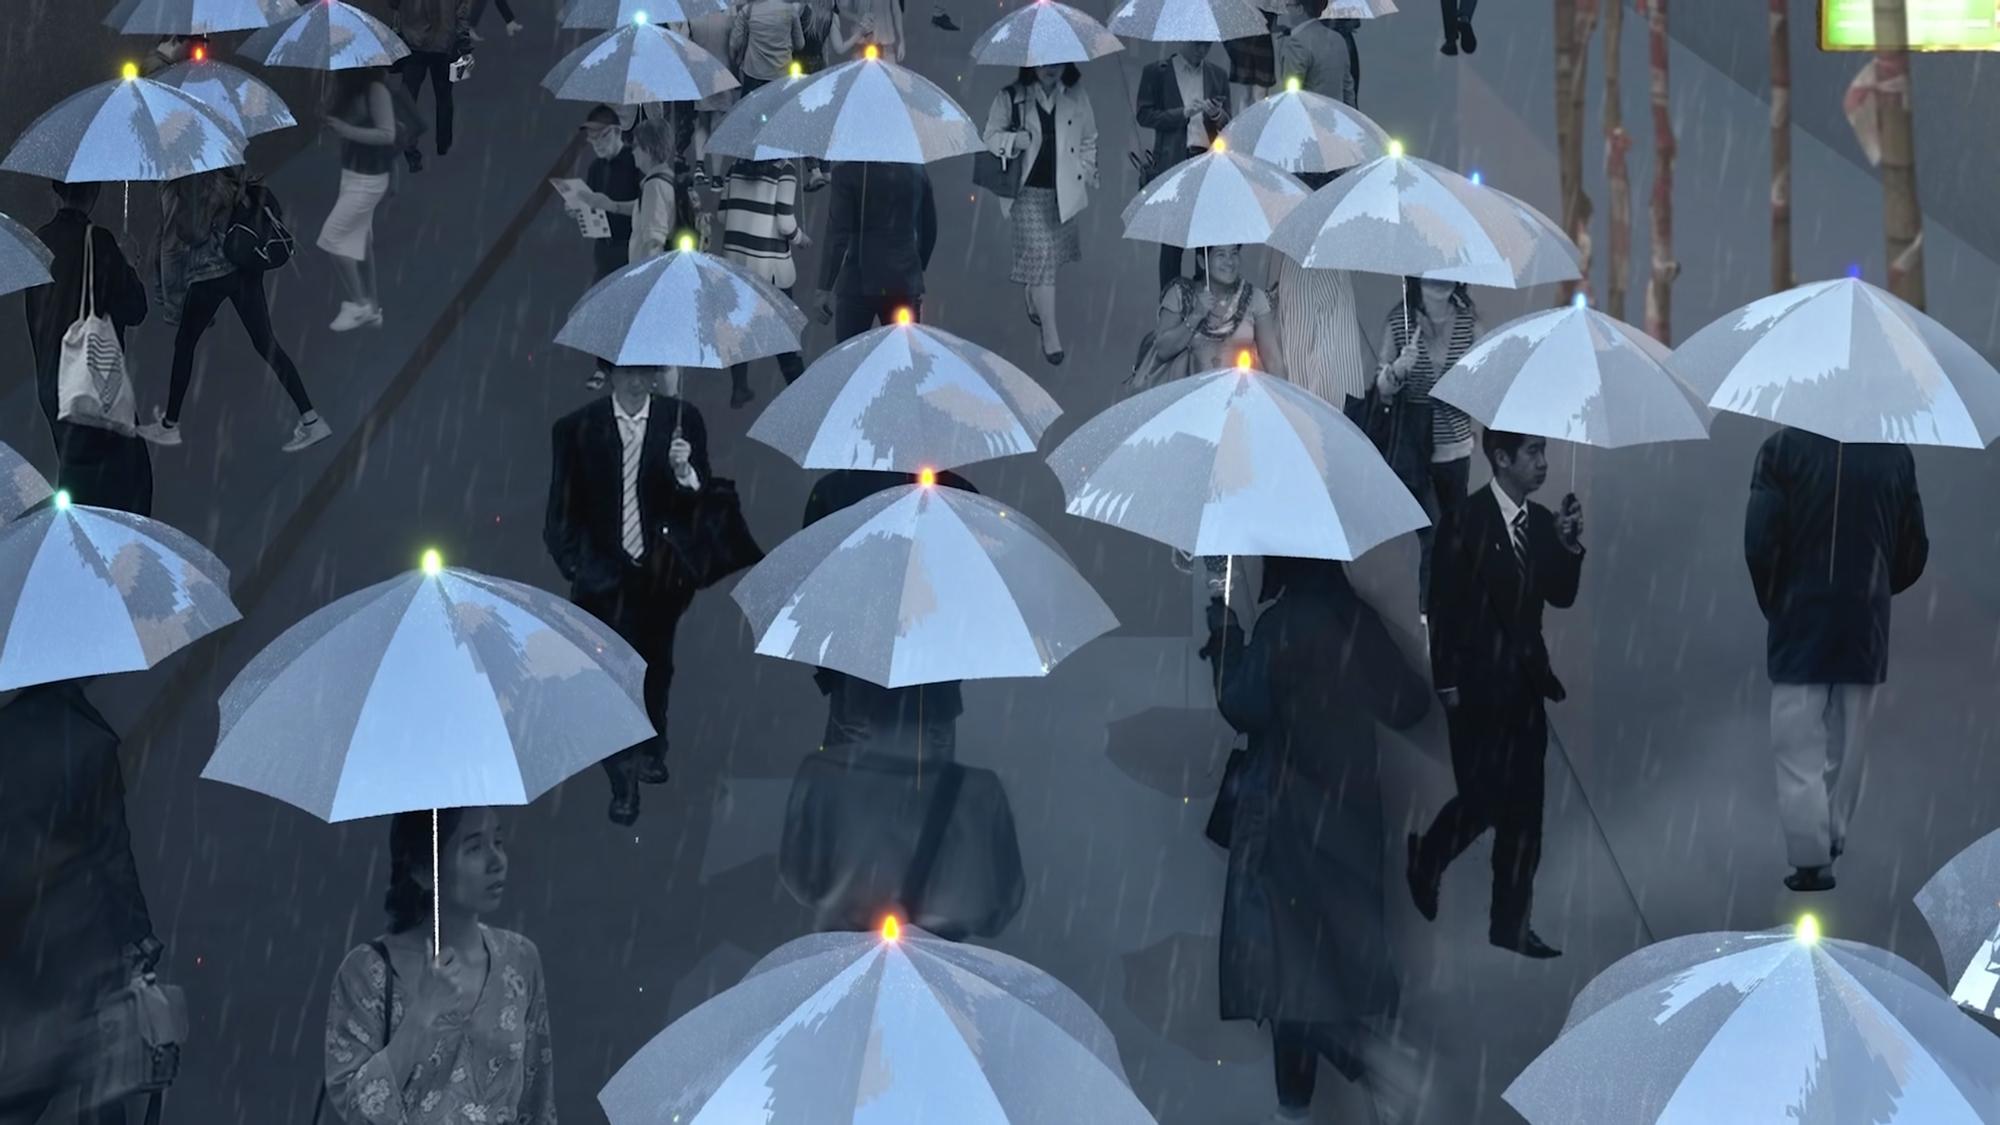 umbrellas people illustration